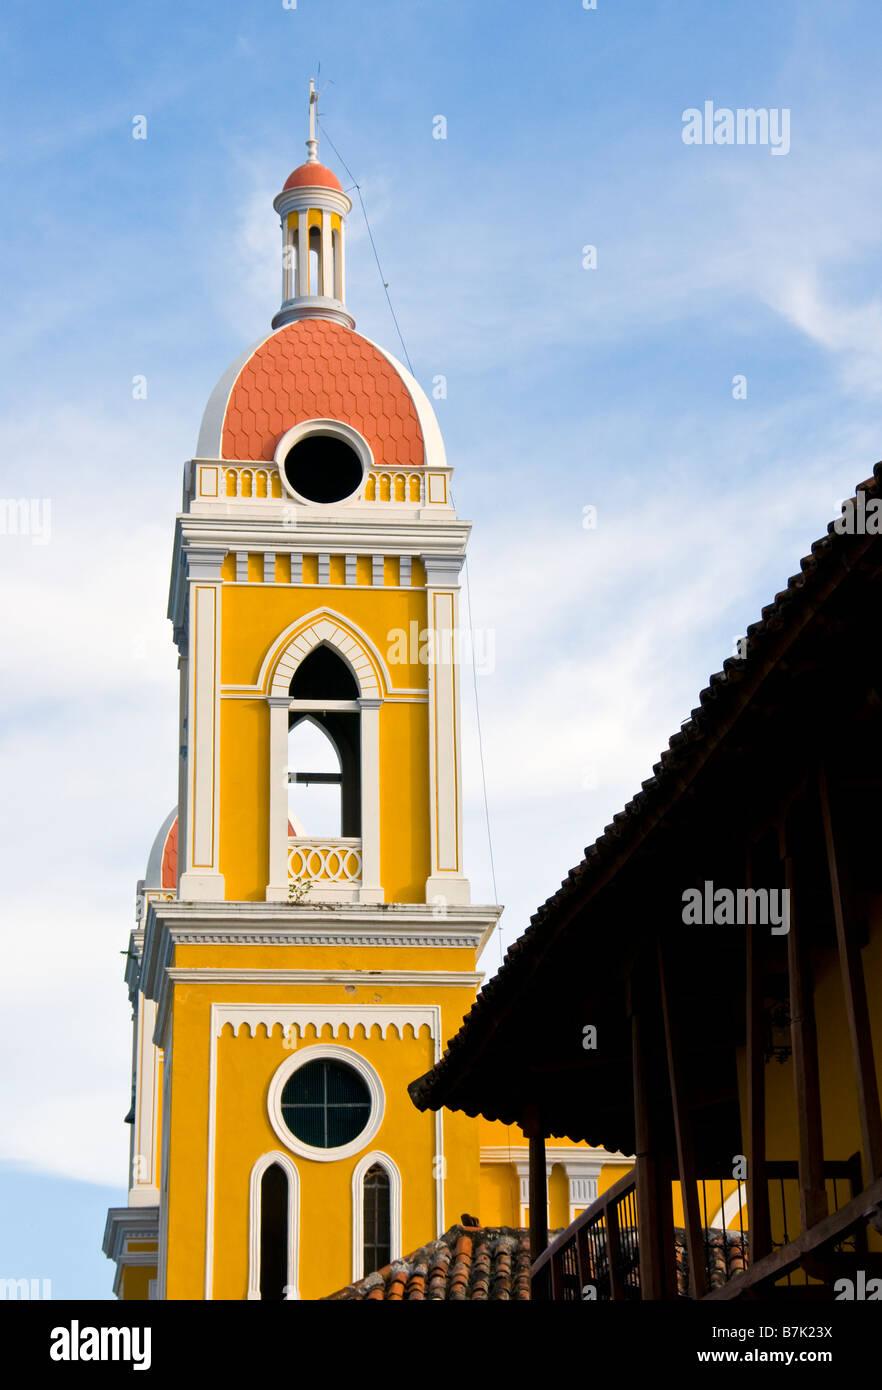 L'architecture coloniale, la Cathédrale de Grenade du clocher et façade de l'hôtel La Gran Photo Stock